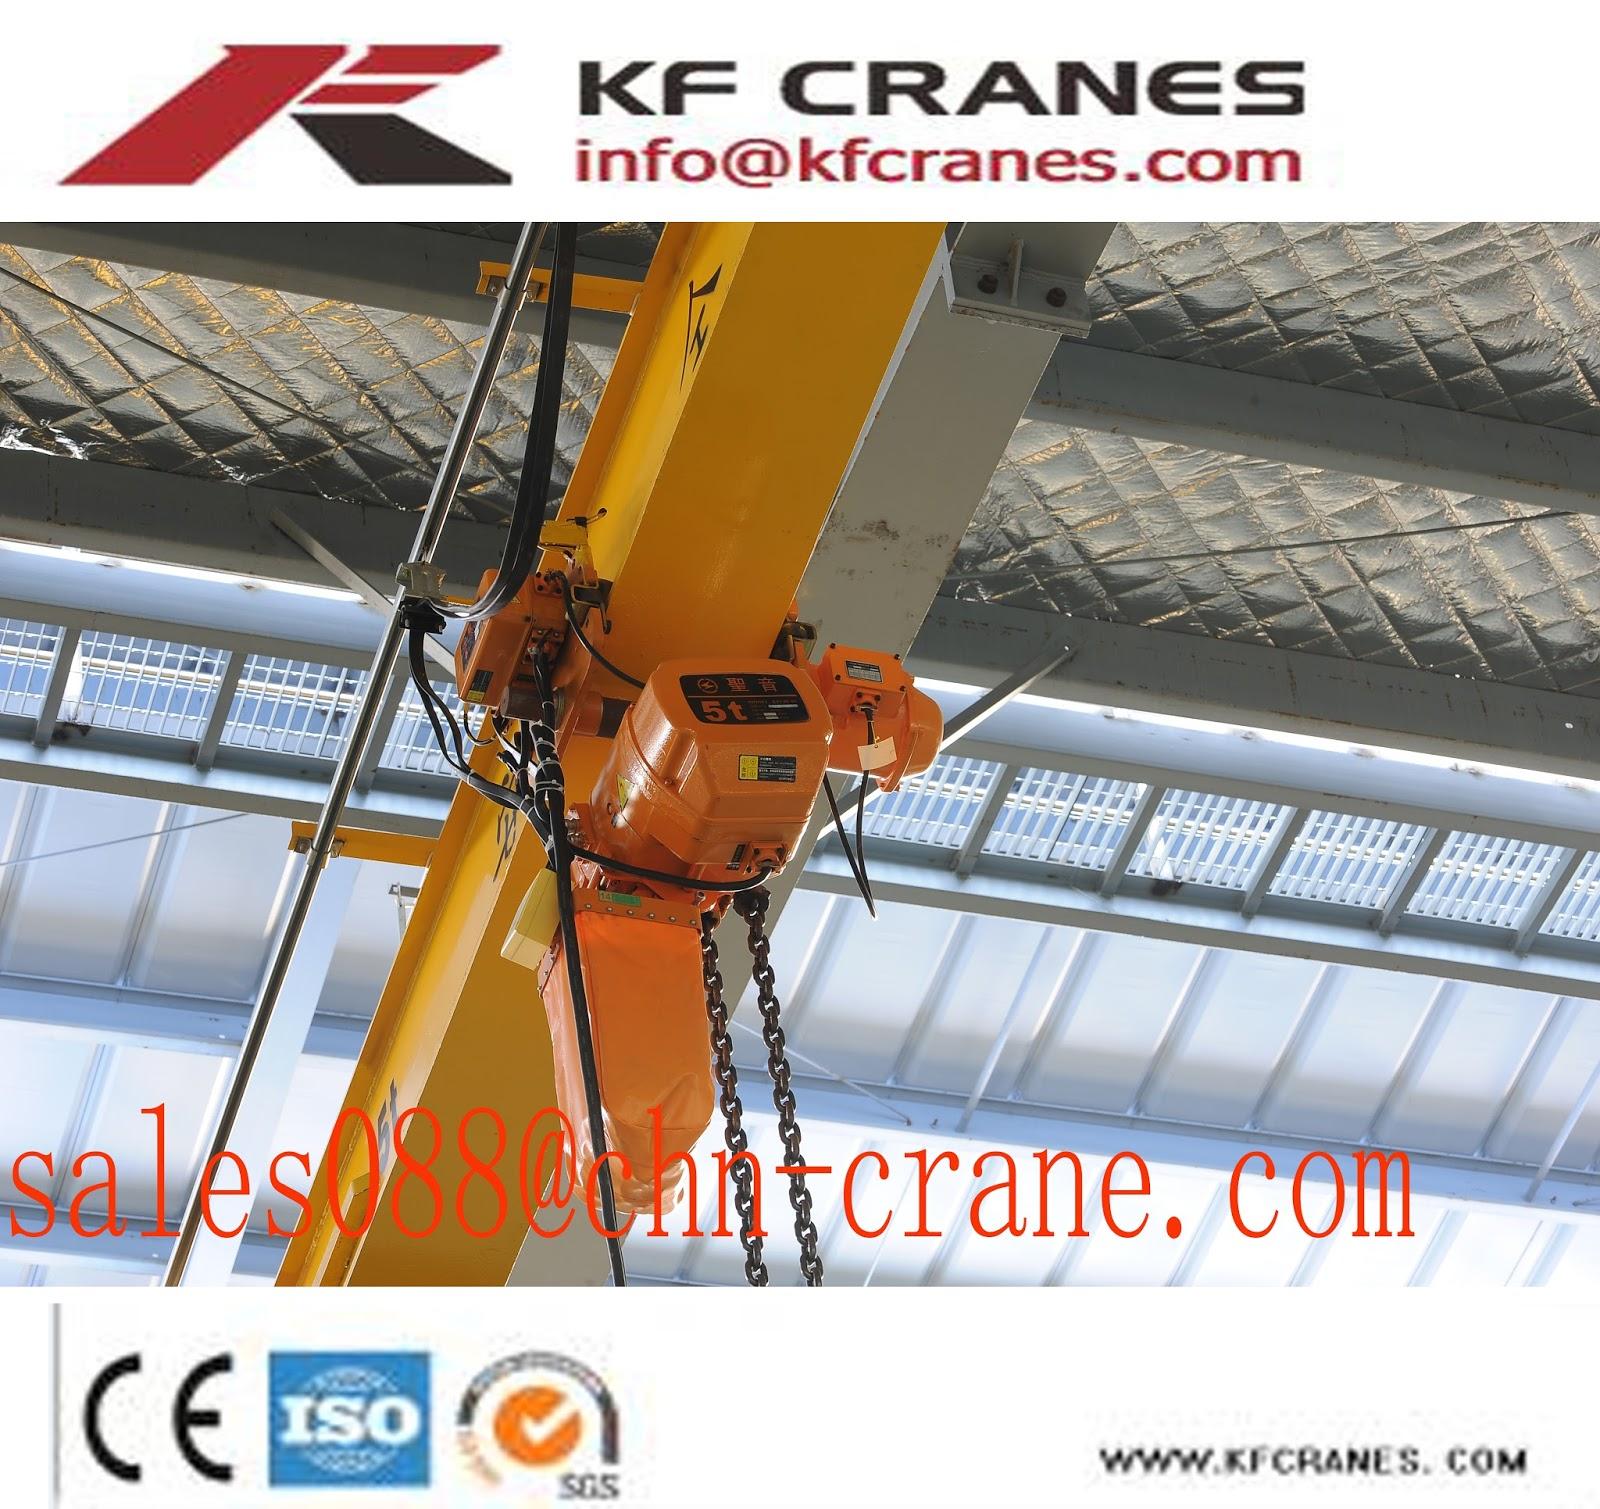 bridge crane,european hoist, gantry crane,-kfcrane: The